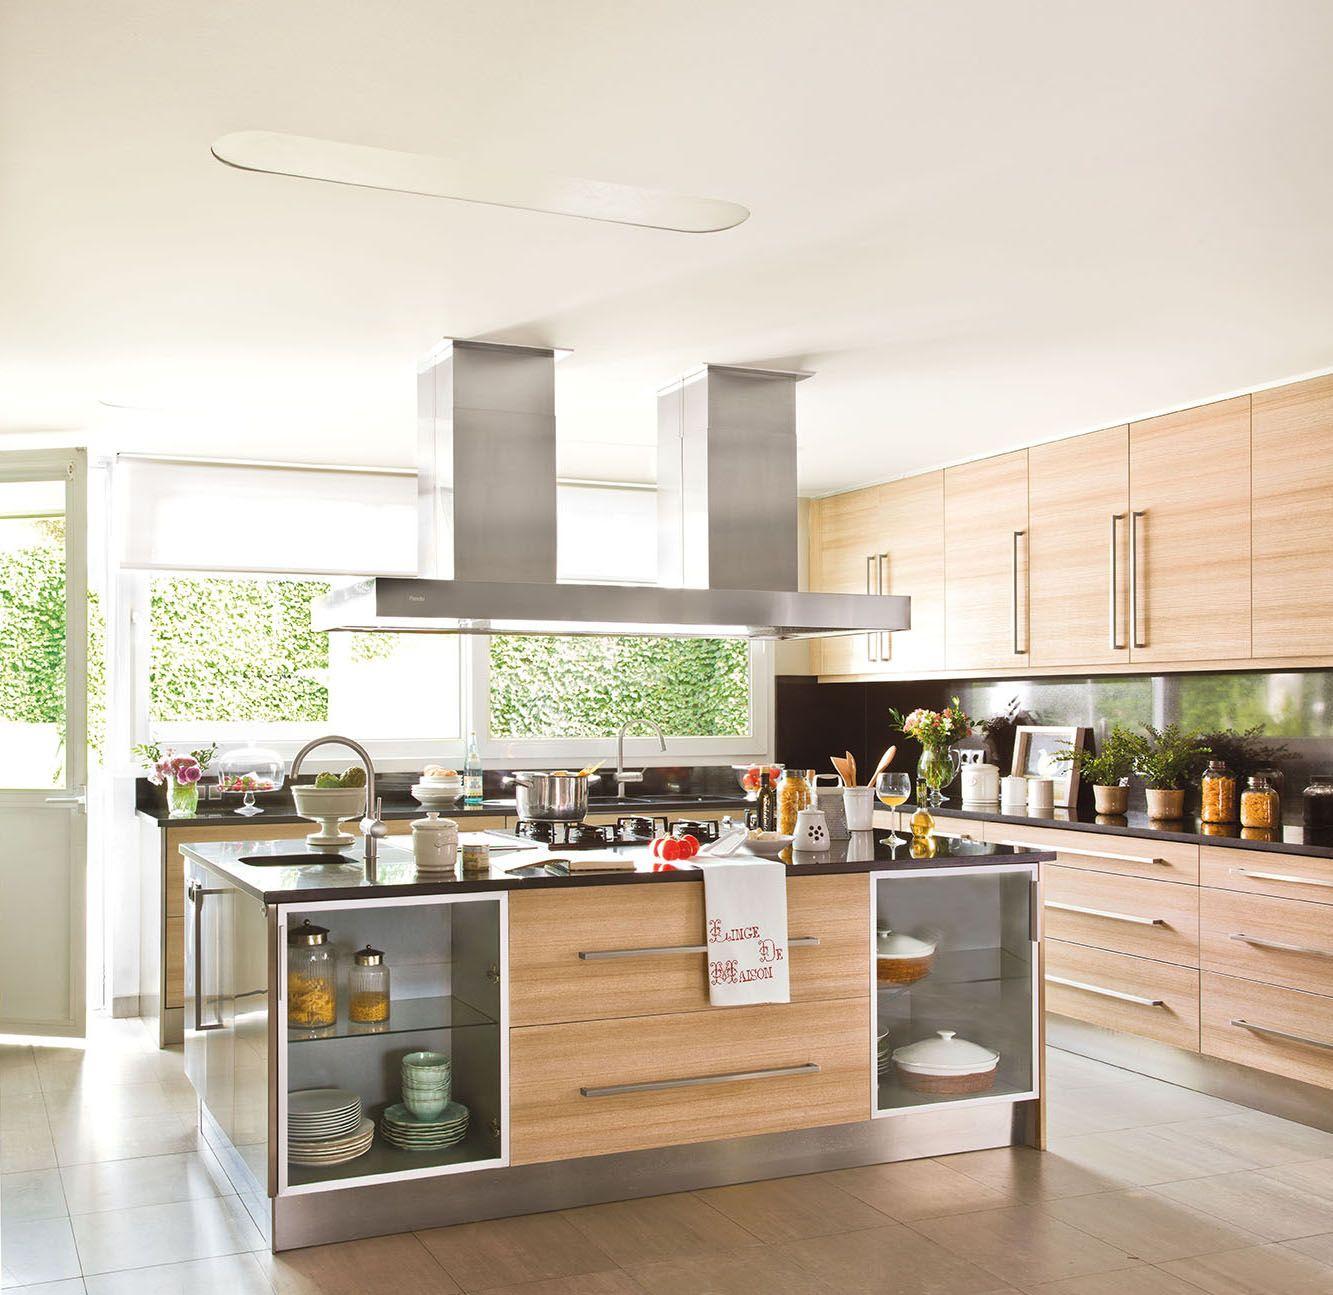 Cocina con muebles de madera clara y encimera negra e isla con dos campanas c5ca5d485a6e